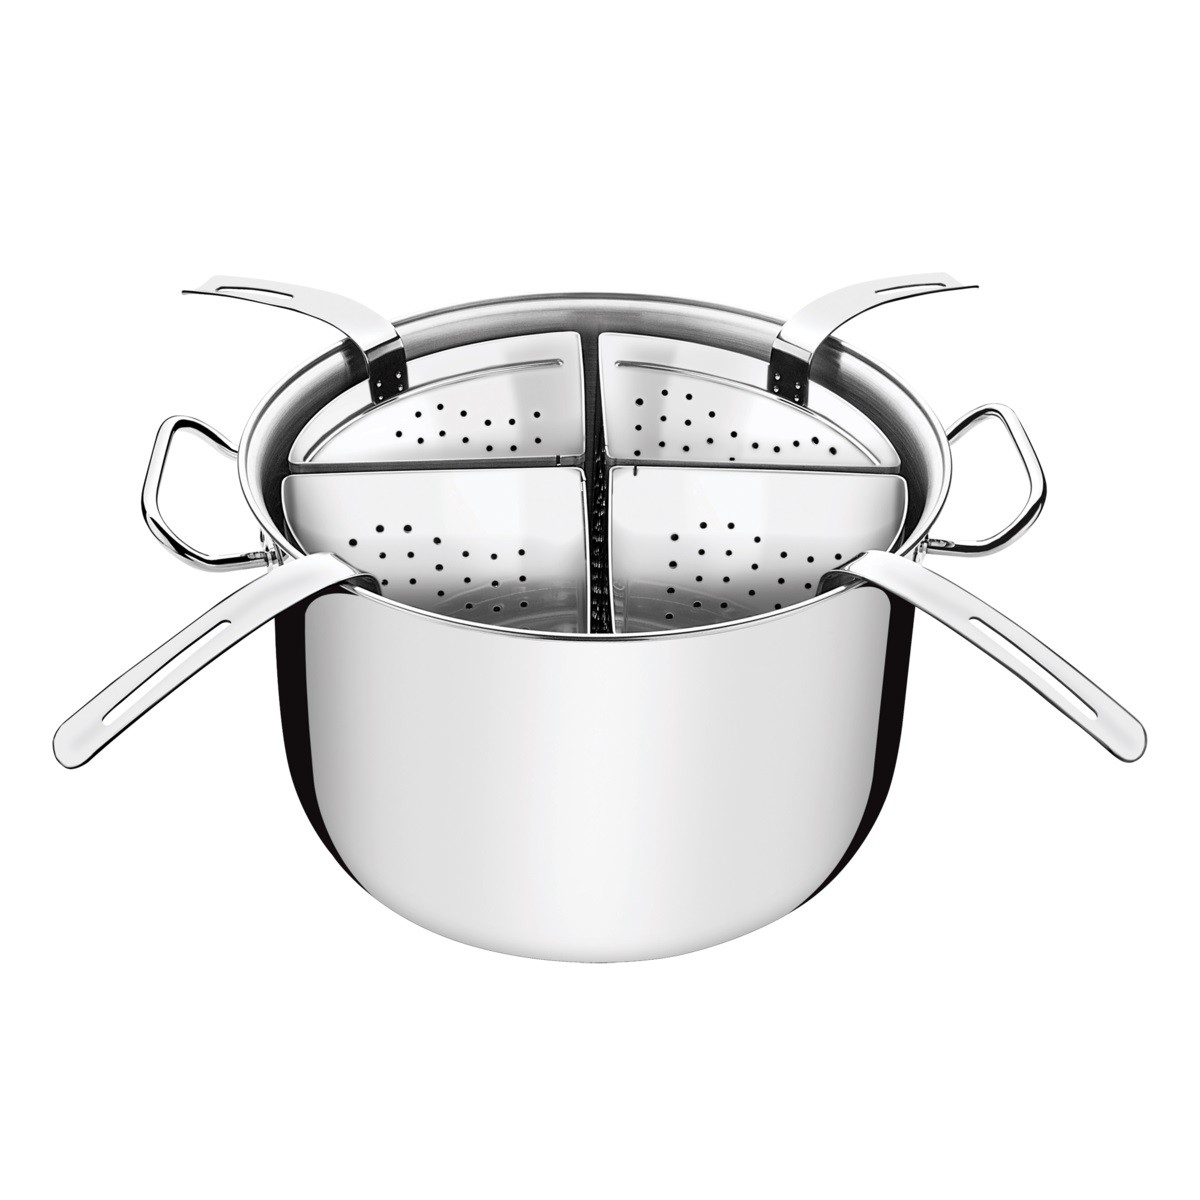 Cozi-Pasta Aço Inox 4 Recipientes 30cm 13,5L  - Sua Casa Gourmet e Cia